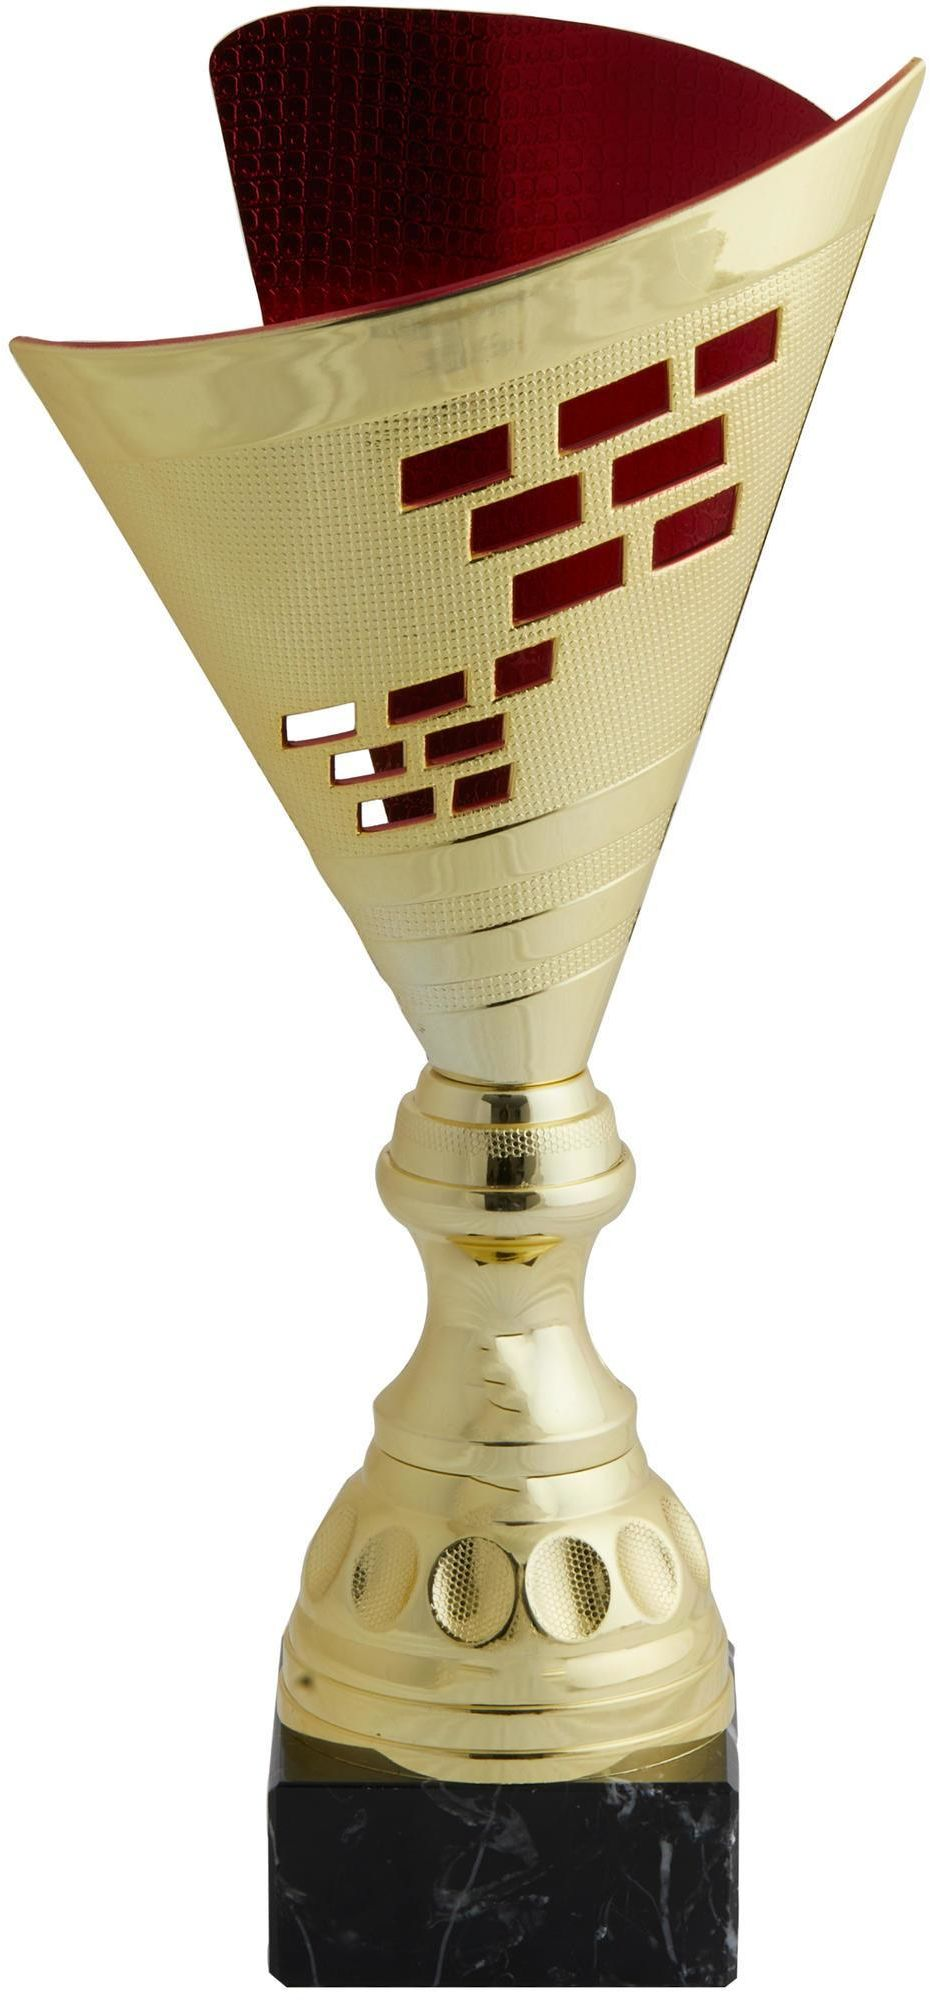 PUCHAR T537 35 cm ZŁOTO-CZERW.